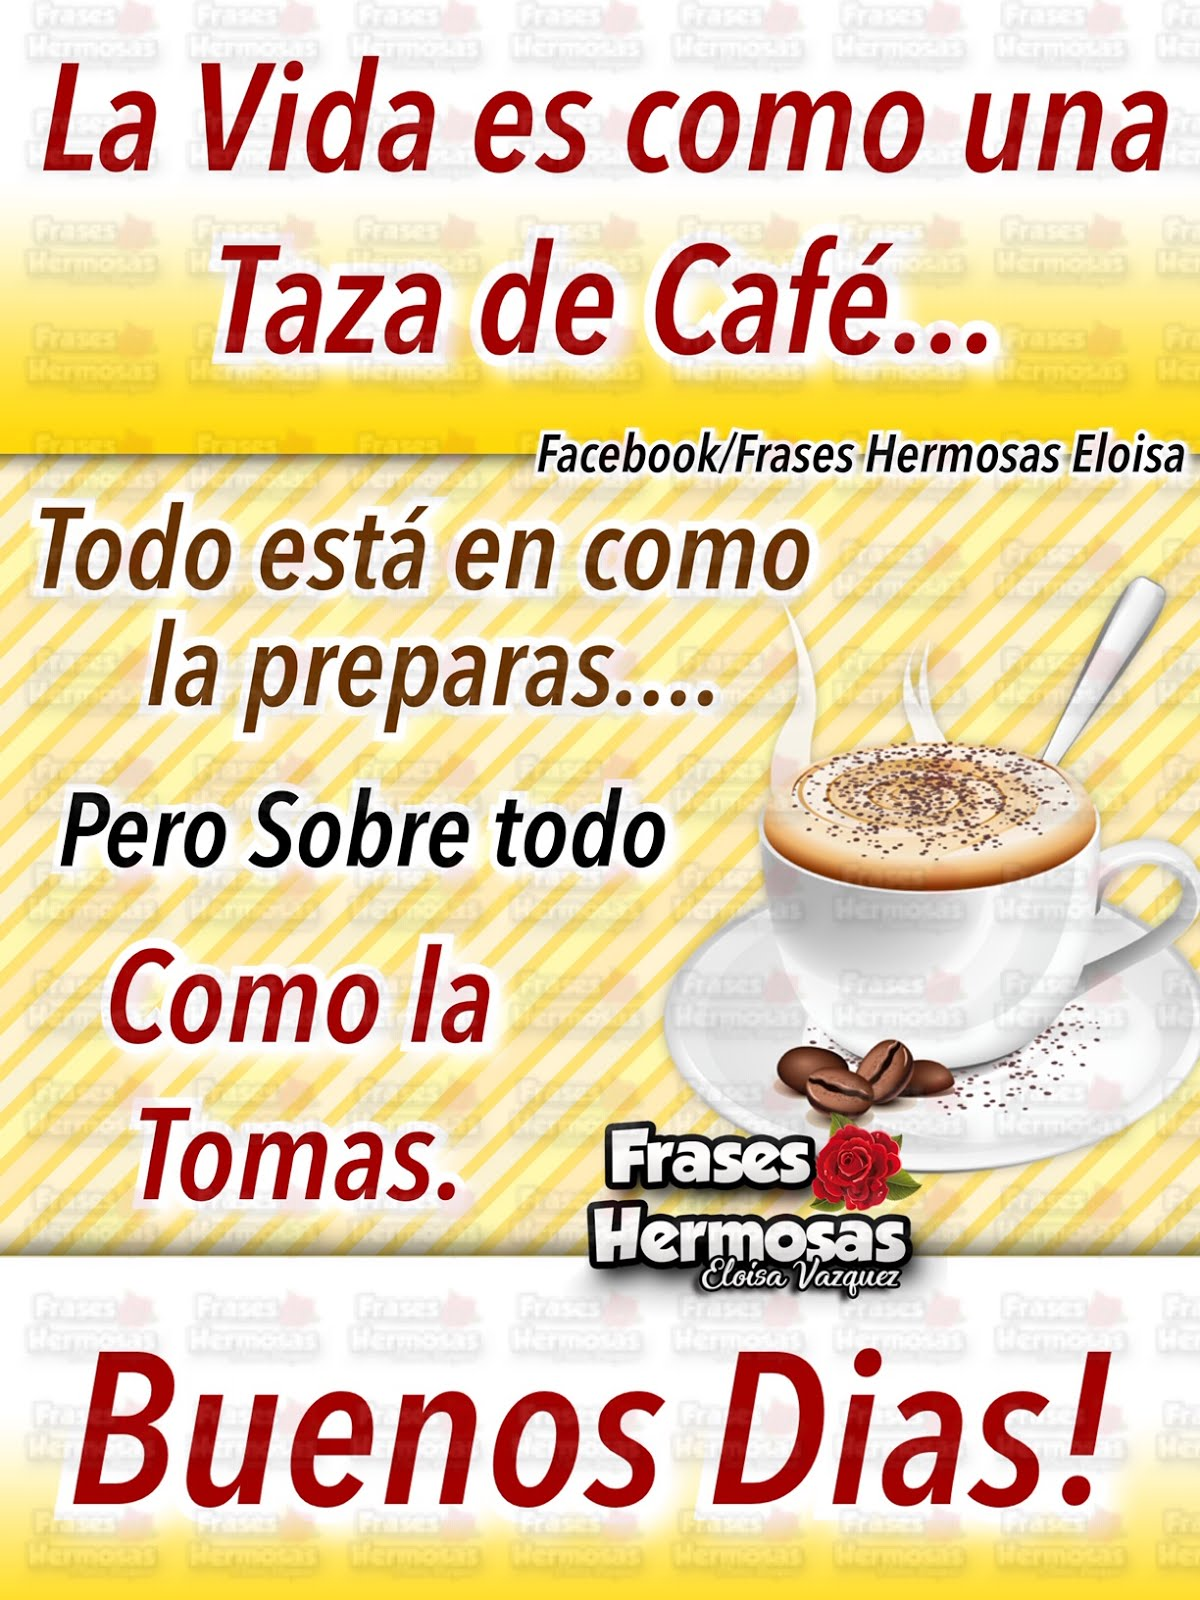 Frases Hermosas Eloisa La Vida Es Como Una Taza De Café